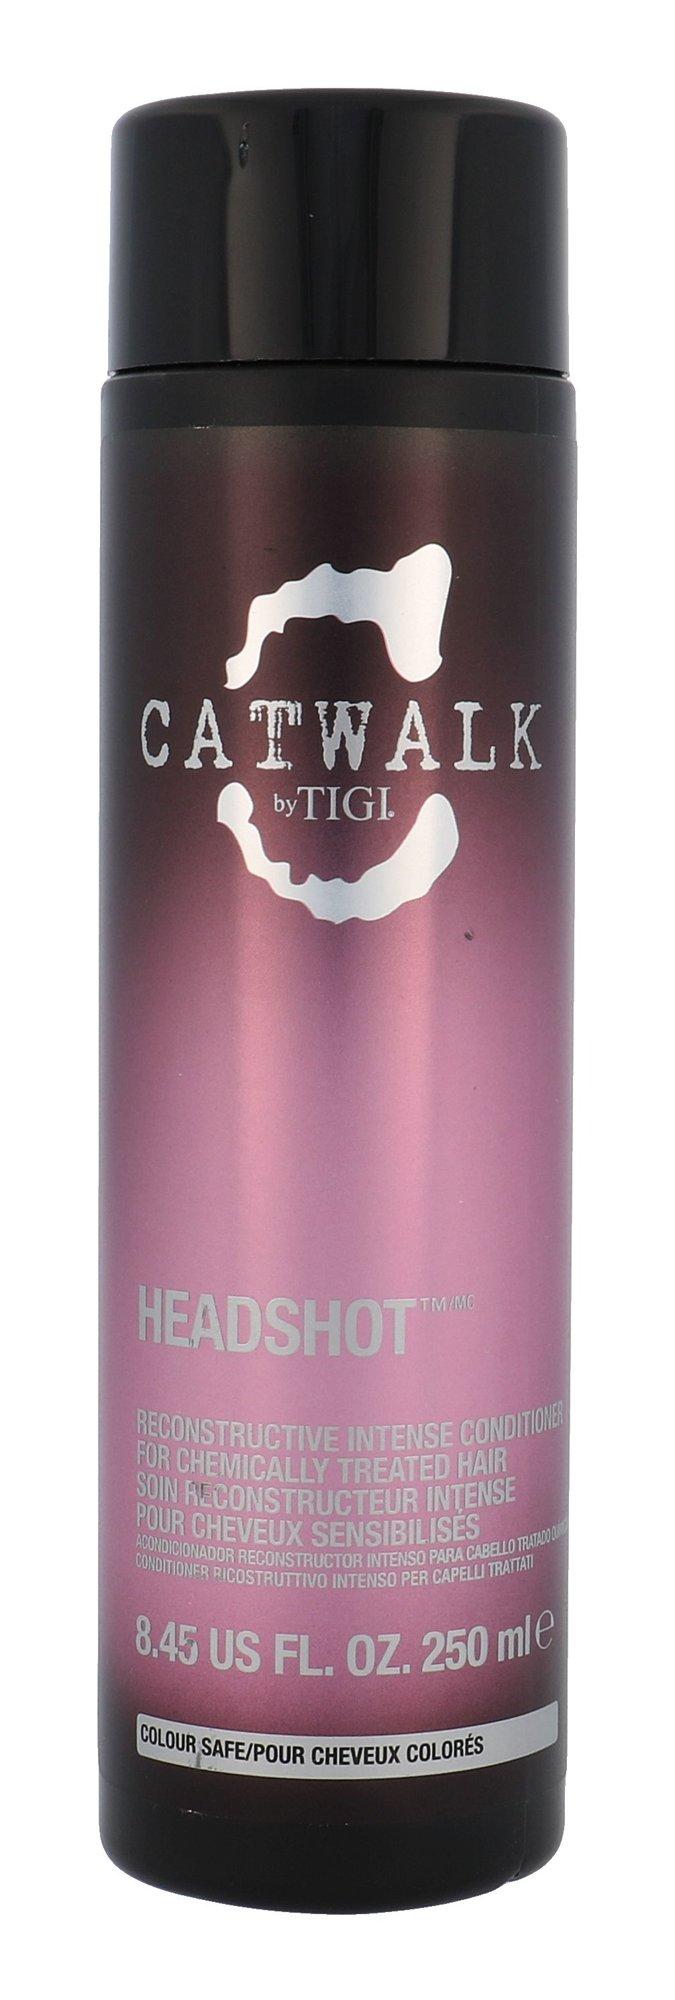 Tigi Catwalk Headshot Cosmetic 250ml